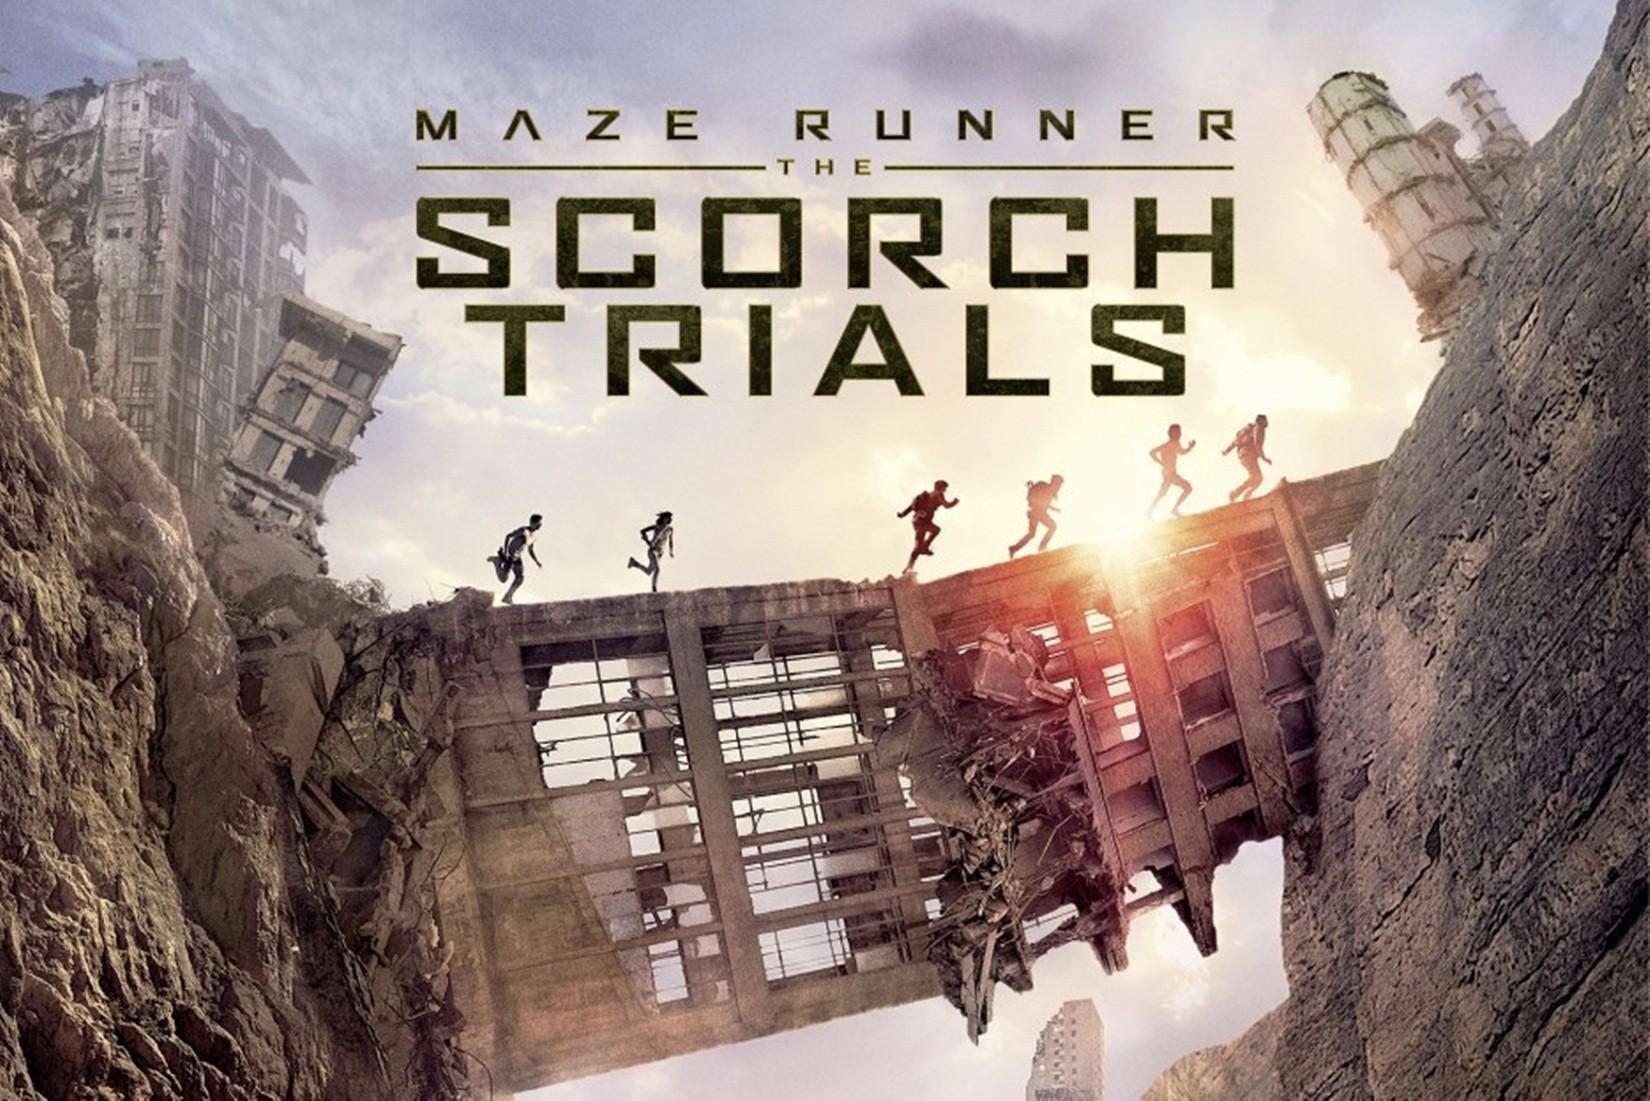 Maze-Runner-The-Scorch-Trials-2015-720P.HD_